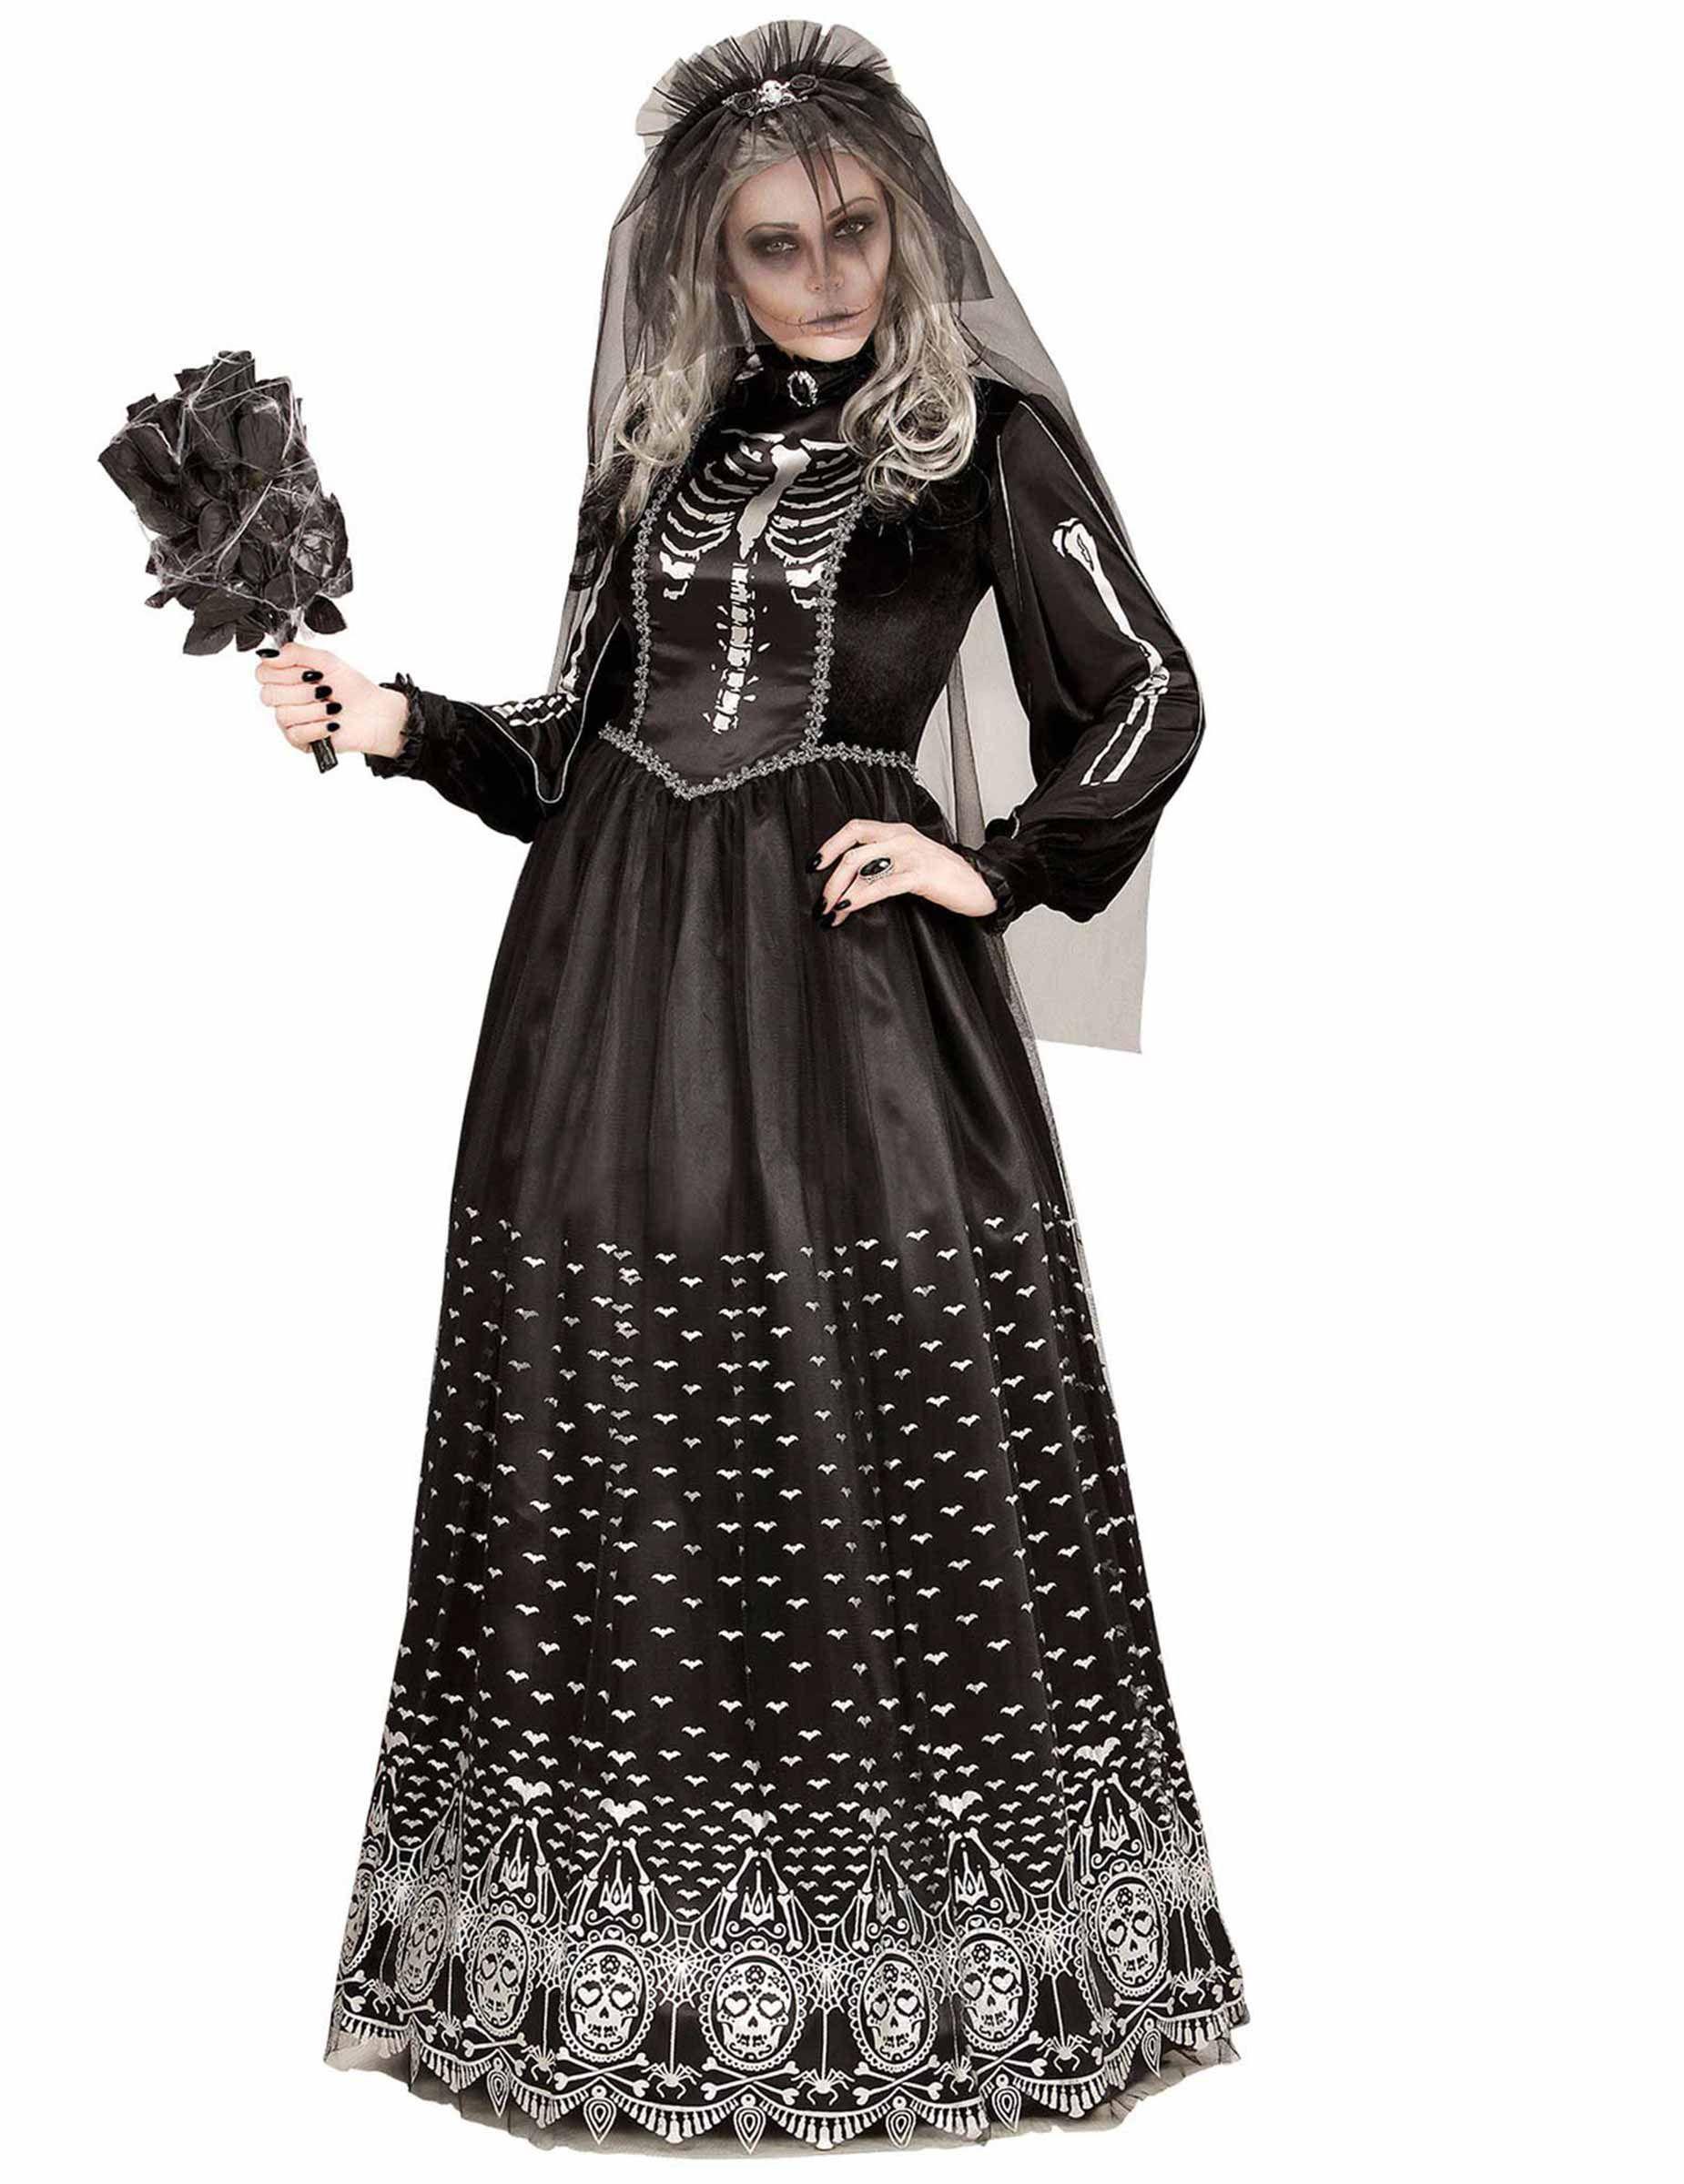 Costume da scheletro gotico nero per donna halloween  Un travestimento da  scheletro gotico nero per 35ecc38d7c0